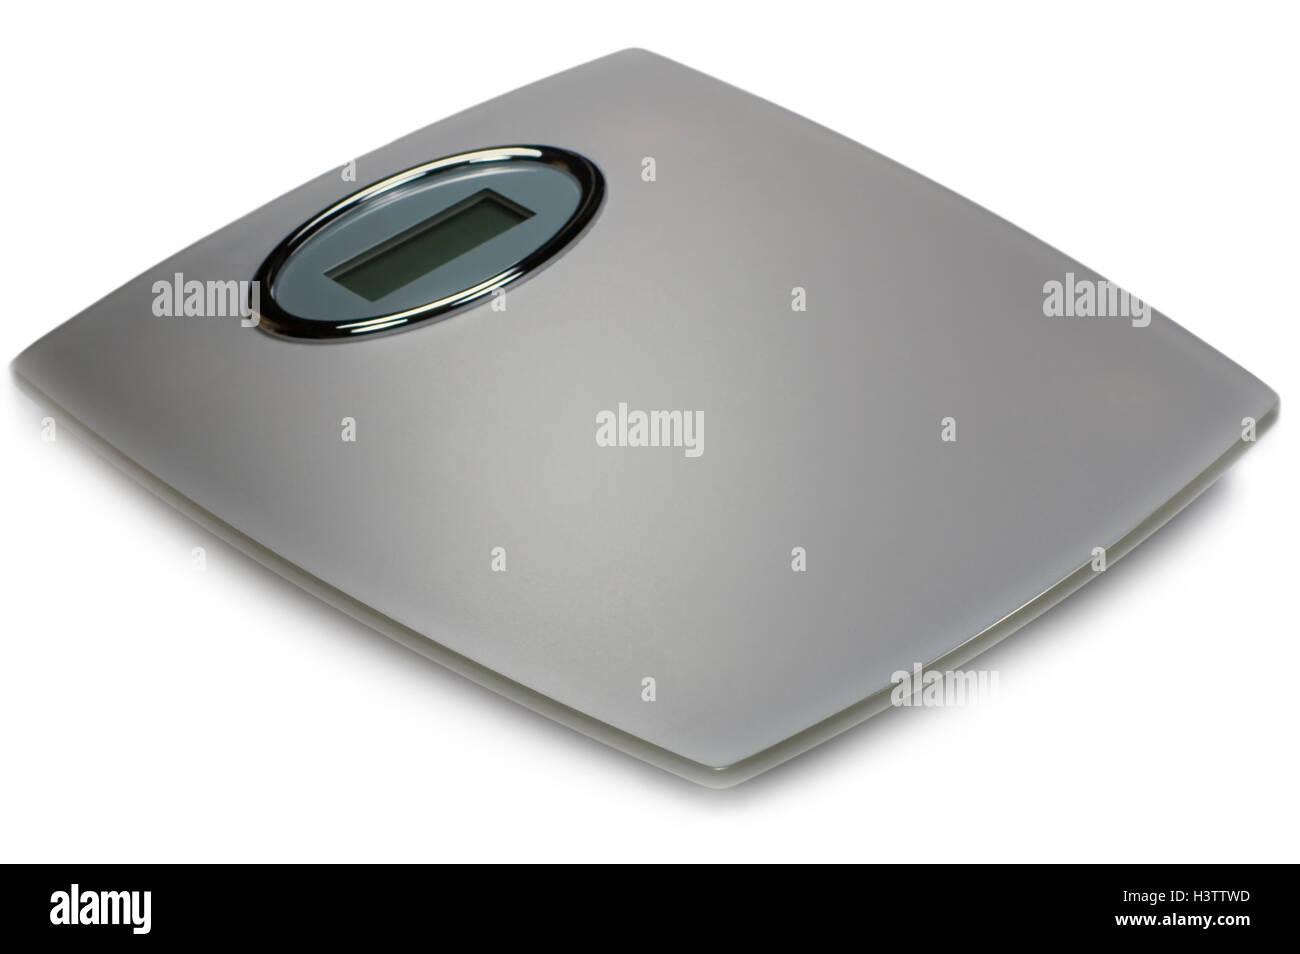 Balance de salle de bains numériques gris, isolé, Grand Gros plan détaillé, verre gris argent Photo Stock